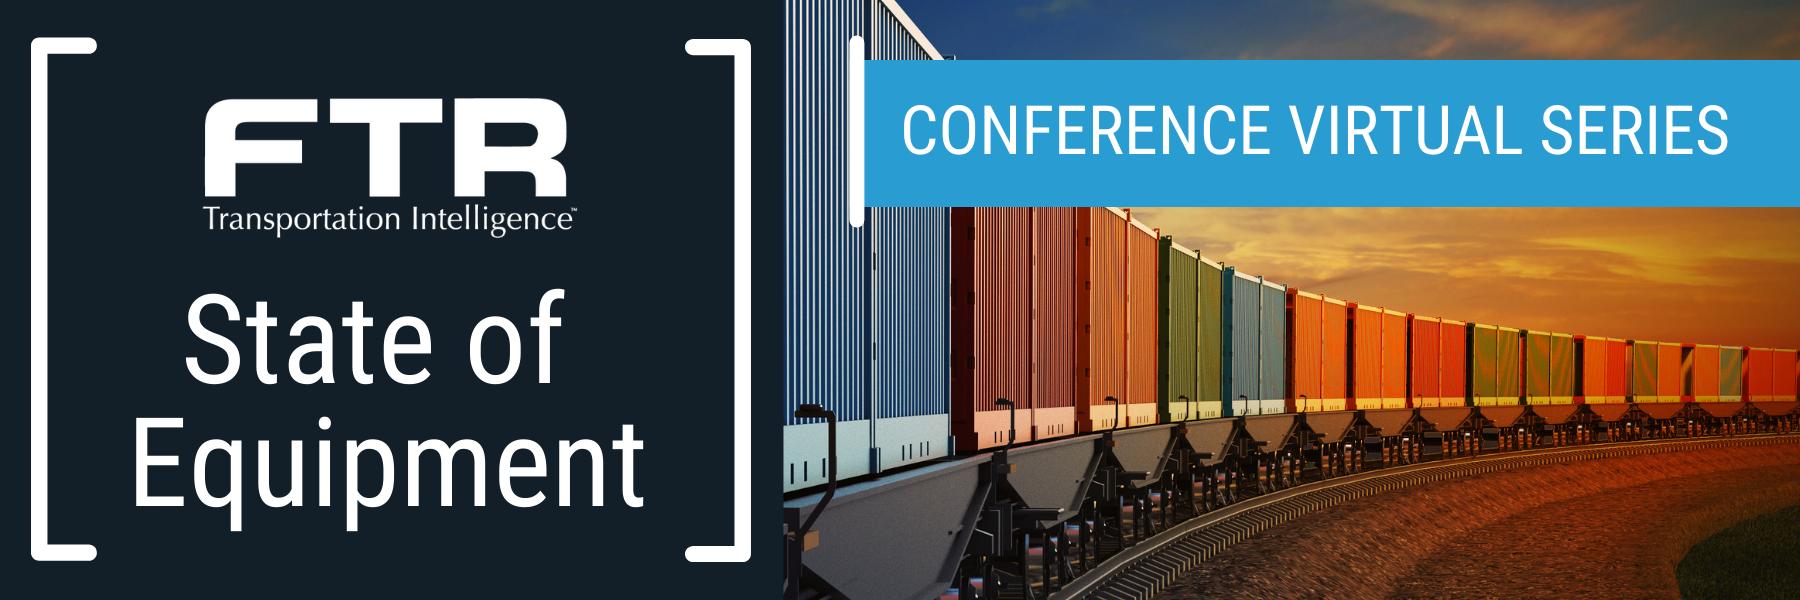 SOE Webinars - Conference Virtual Series